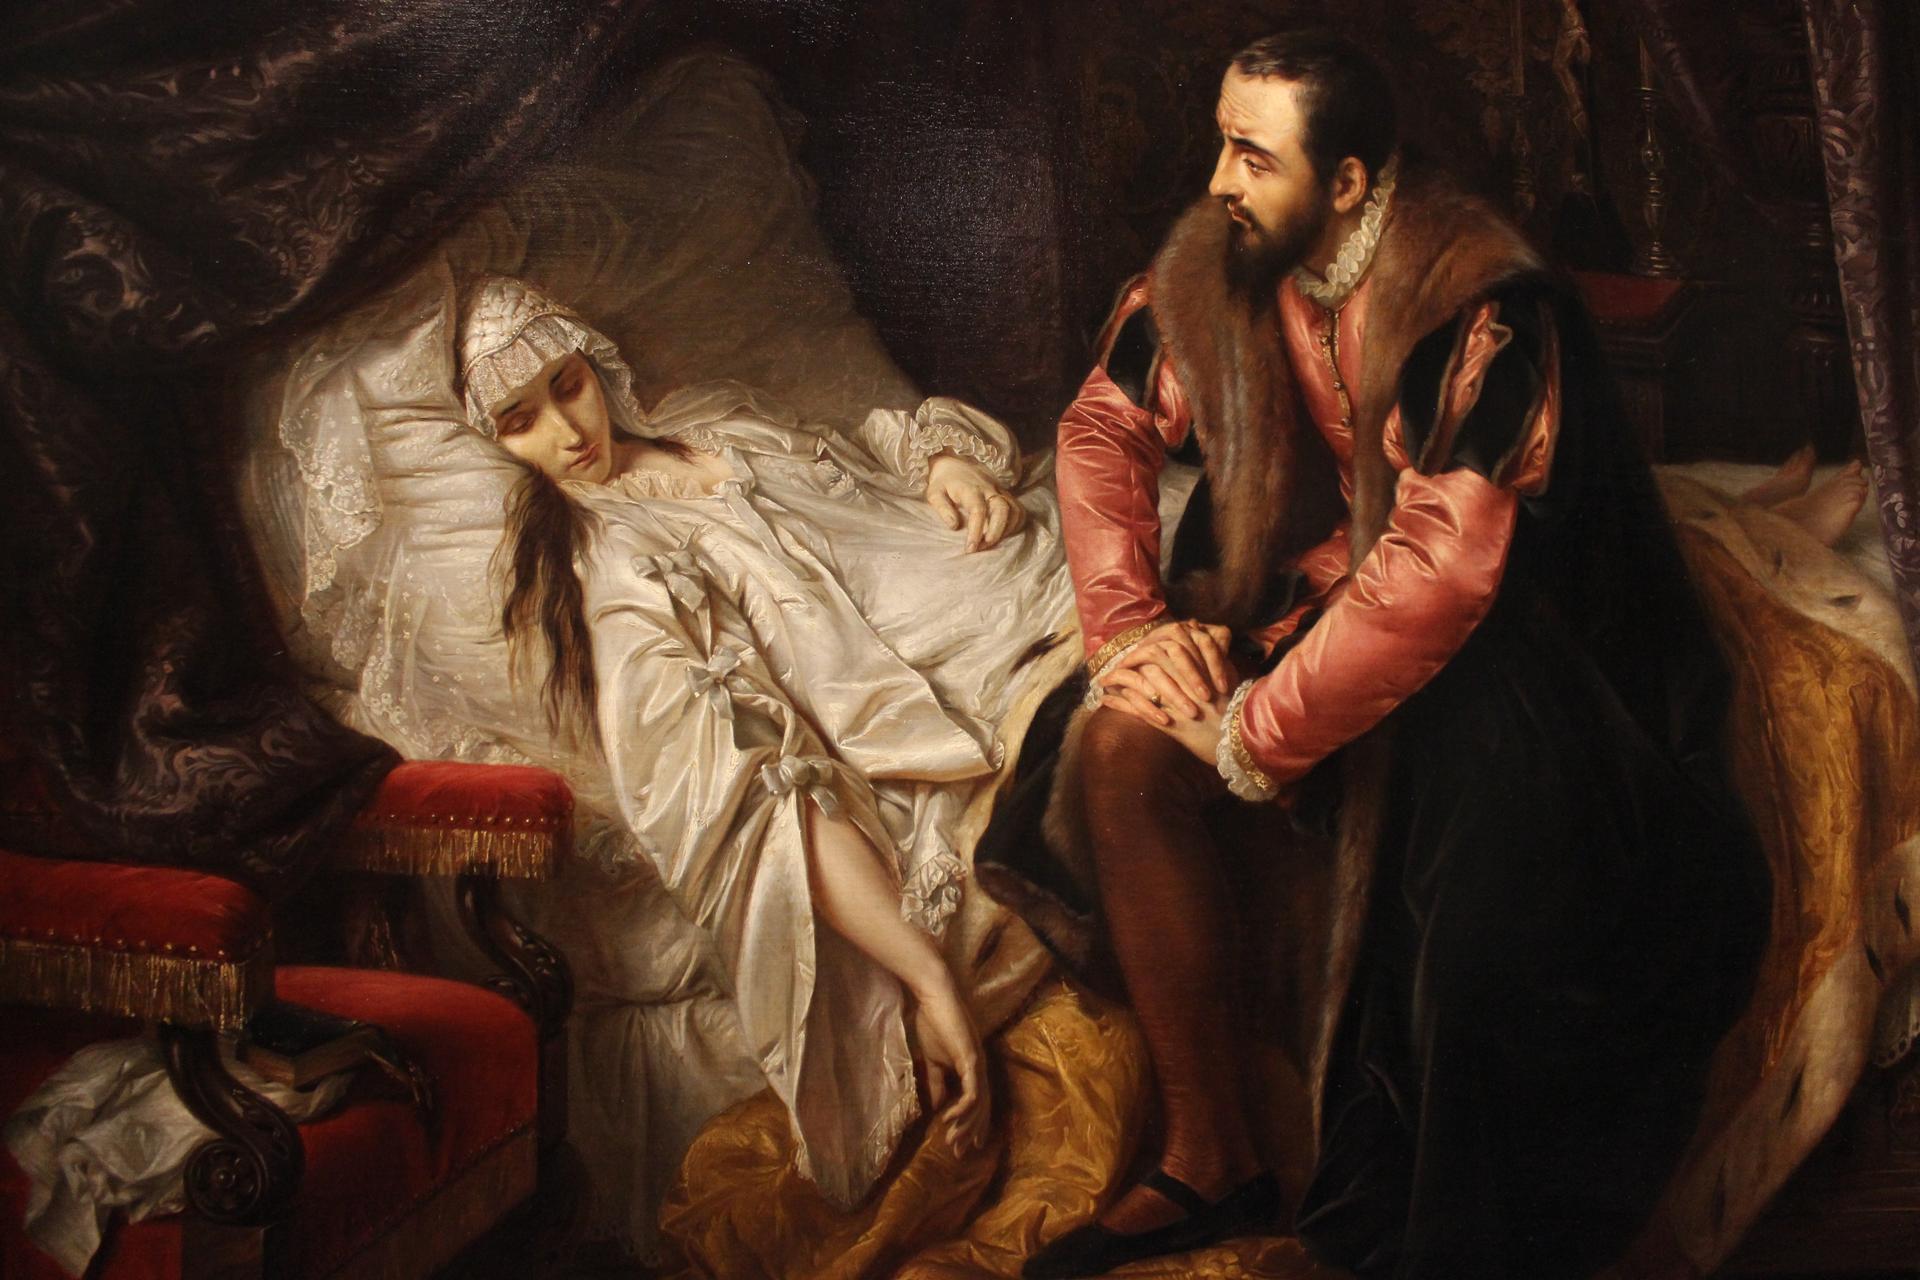 Śmierć Barbary Radziwiłłówny Źródło: Józef Simmler, Śmierć Barbary Radziwiłłówny, 1841, olej na płótnie, domena publiczna.